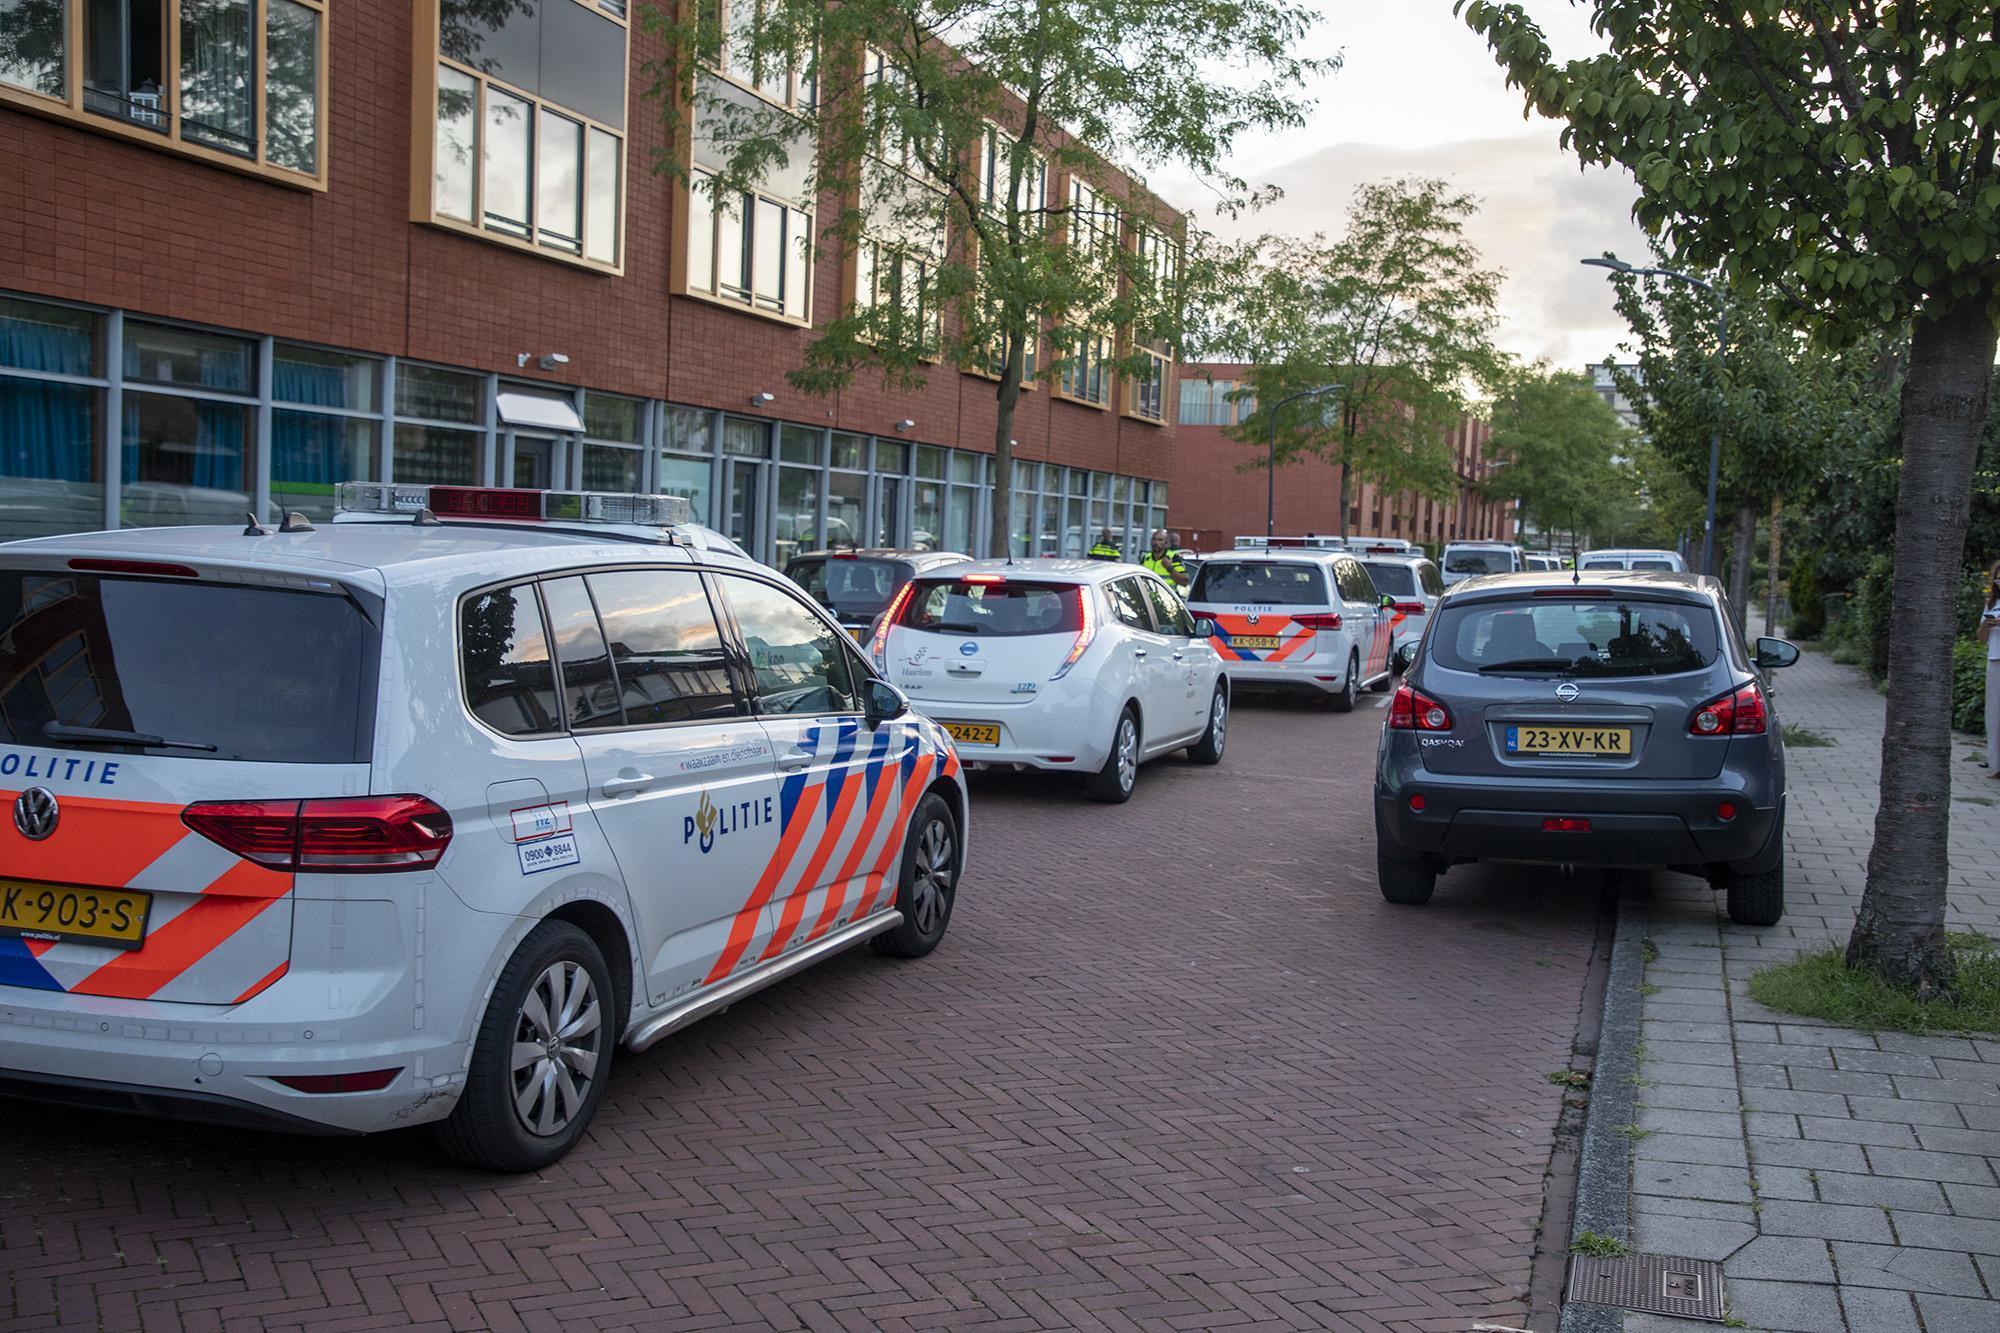 Grote politie-inzet rondom het Monacopad in Haarlem